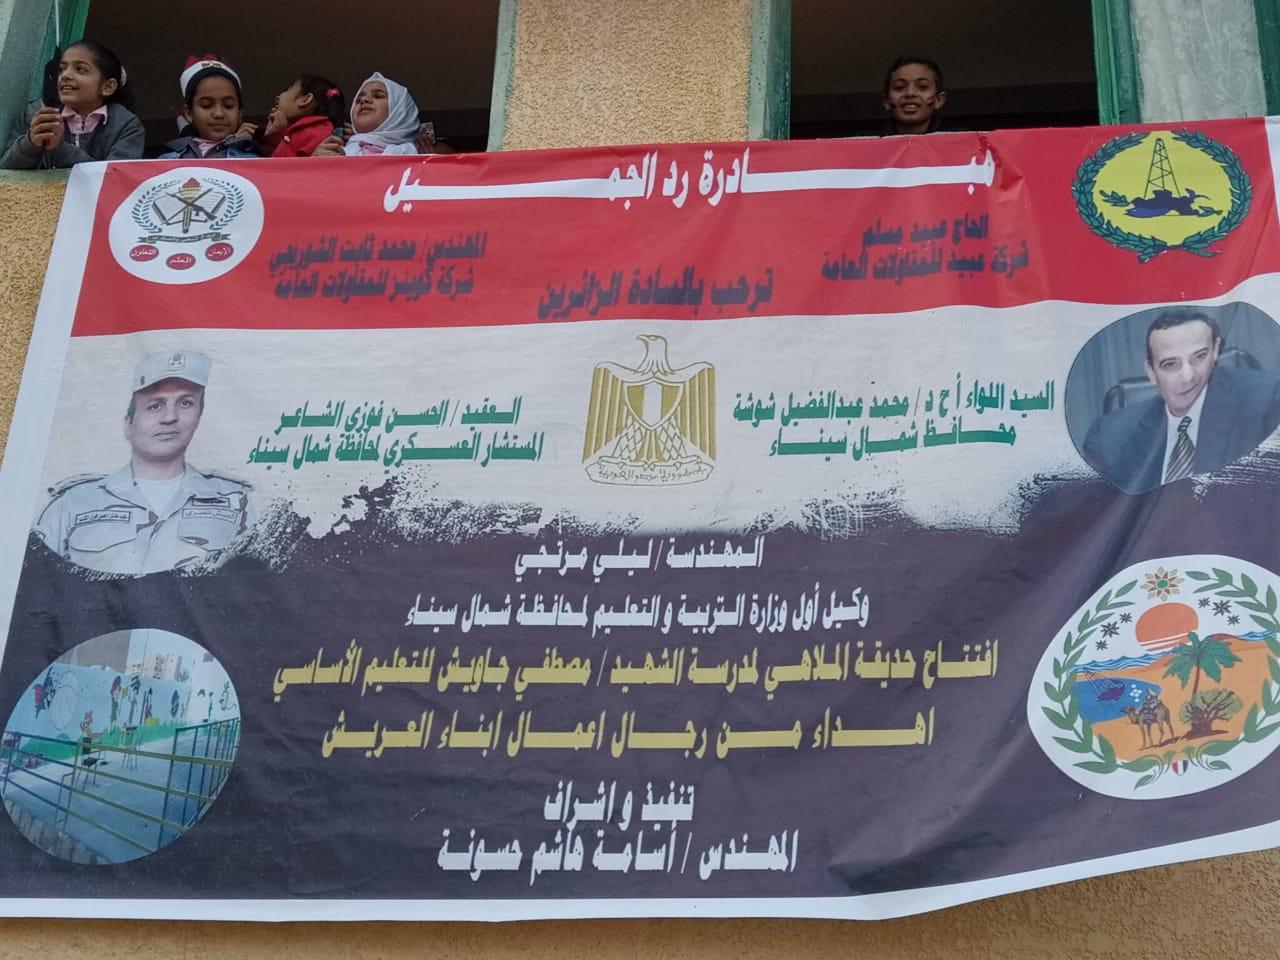 شوشة يفتتح حديقة ملاهي للطفل بمدرسة الشهيد مصطفي جاويش بالعريش (11)